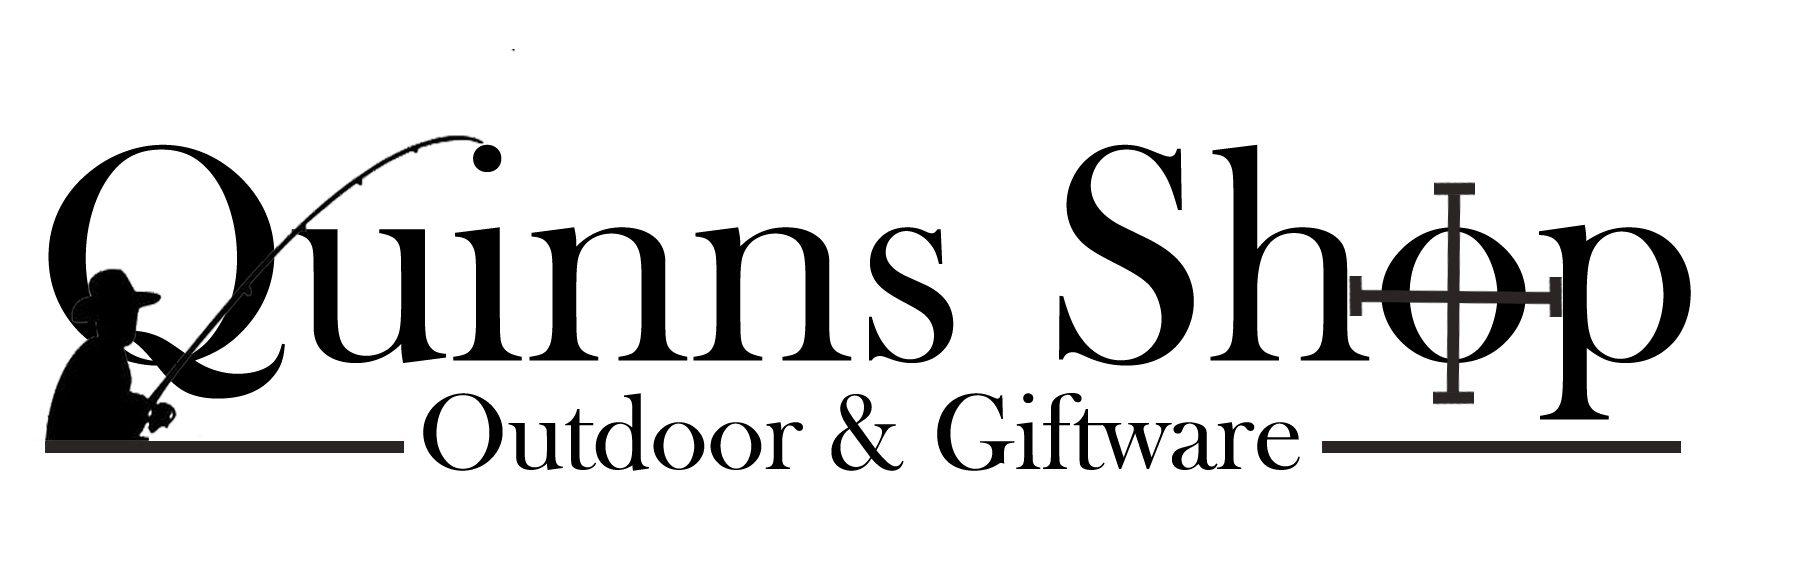 Quinns Shop